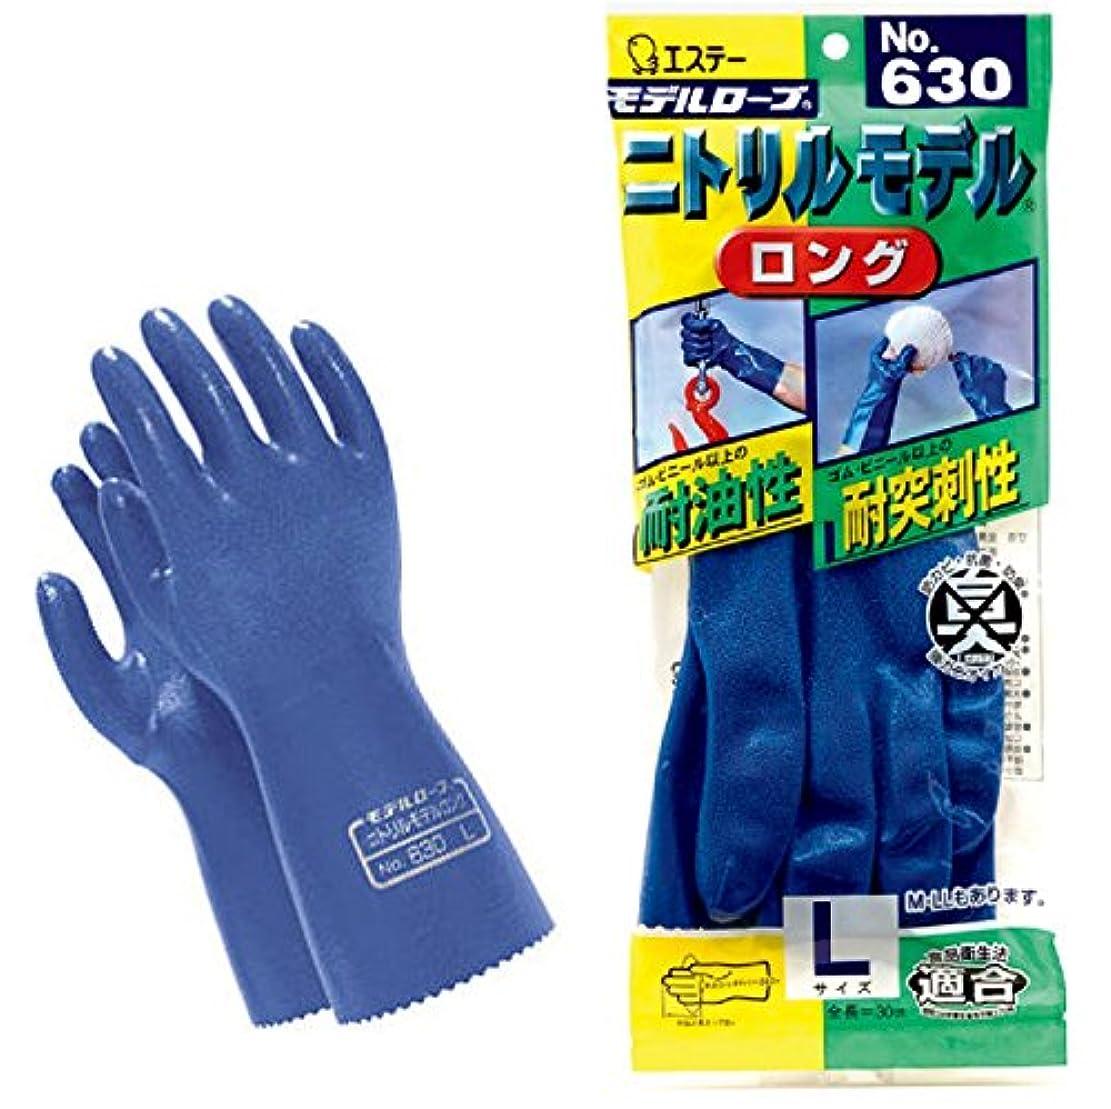 (まとめ買い)エステー 作業用手袋 ニトリルモデル ロングLLNo.630 【×10セット】 生活用品 インテリア